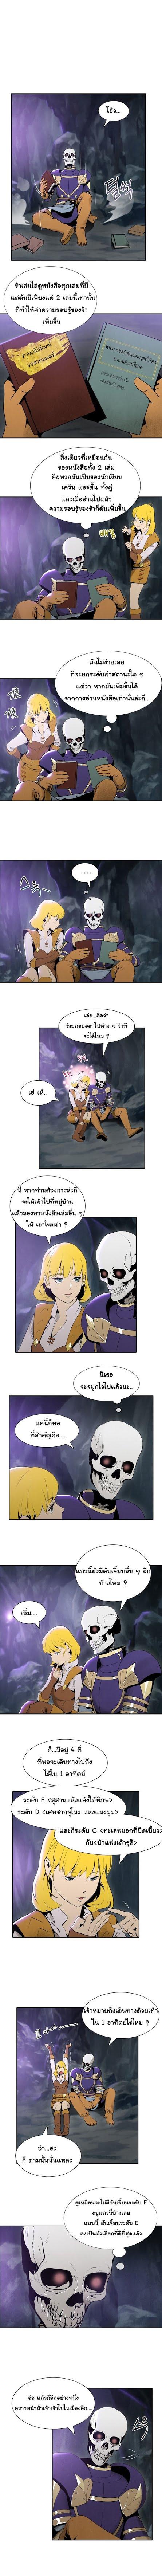 Skeleton Soldier - หน้า 5